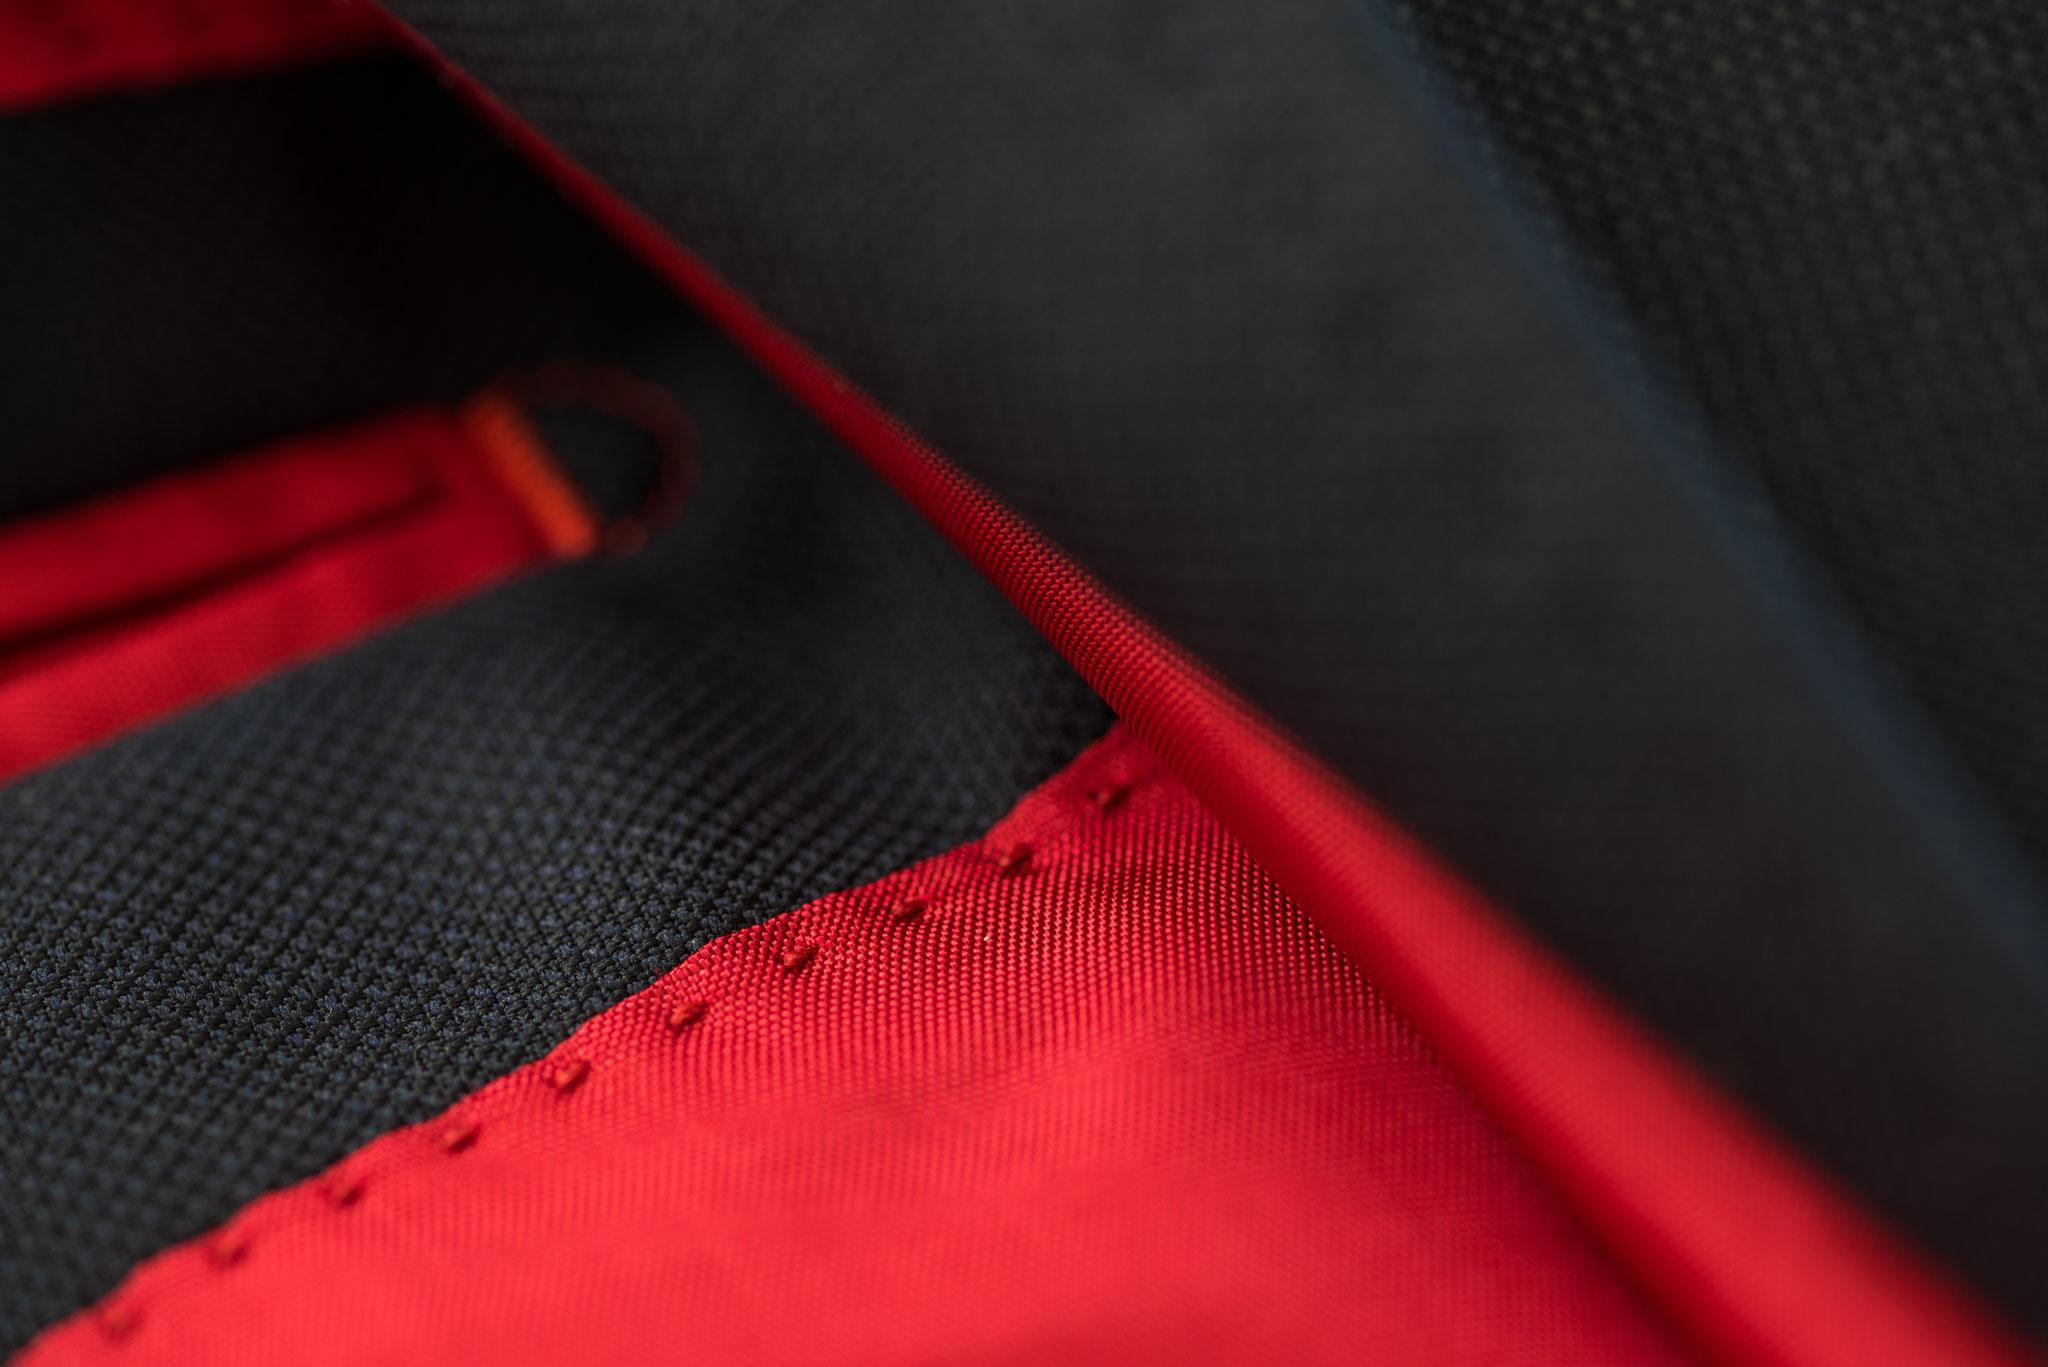 AMF Steppung in rotem Futter eines dunkelblauen Herrensakkos